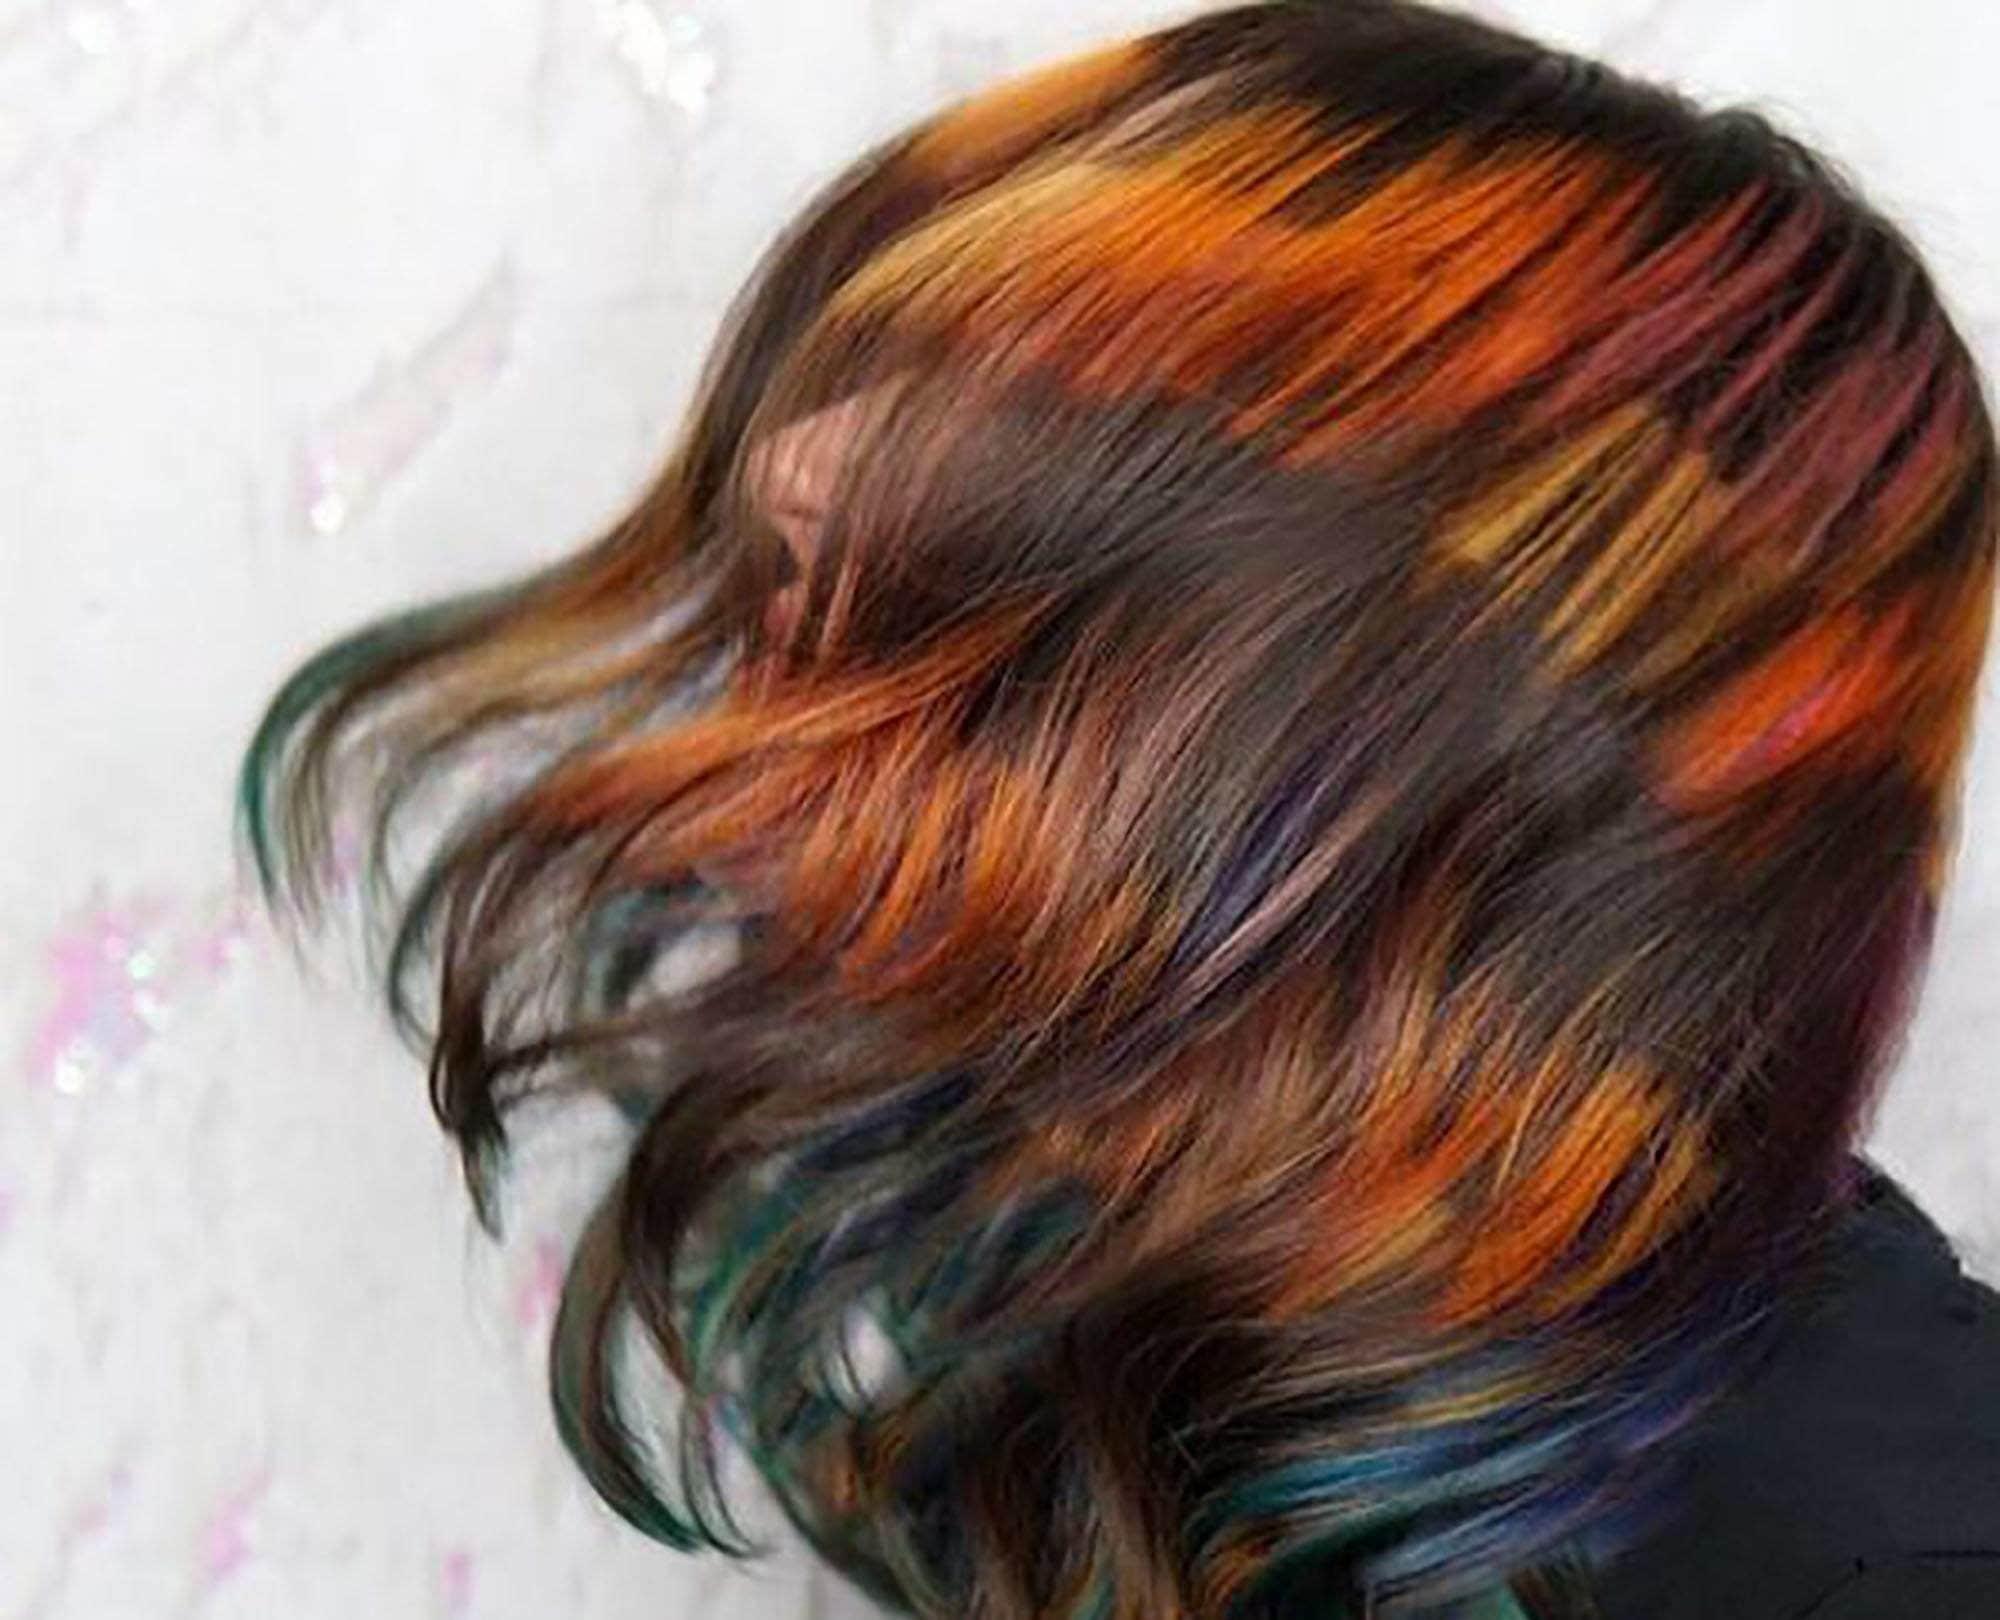 modelo com cor de cabelo inspirada em Harry Potter